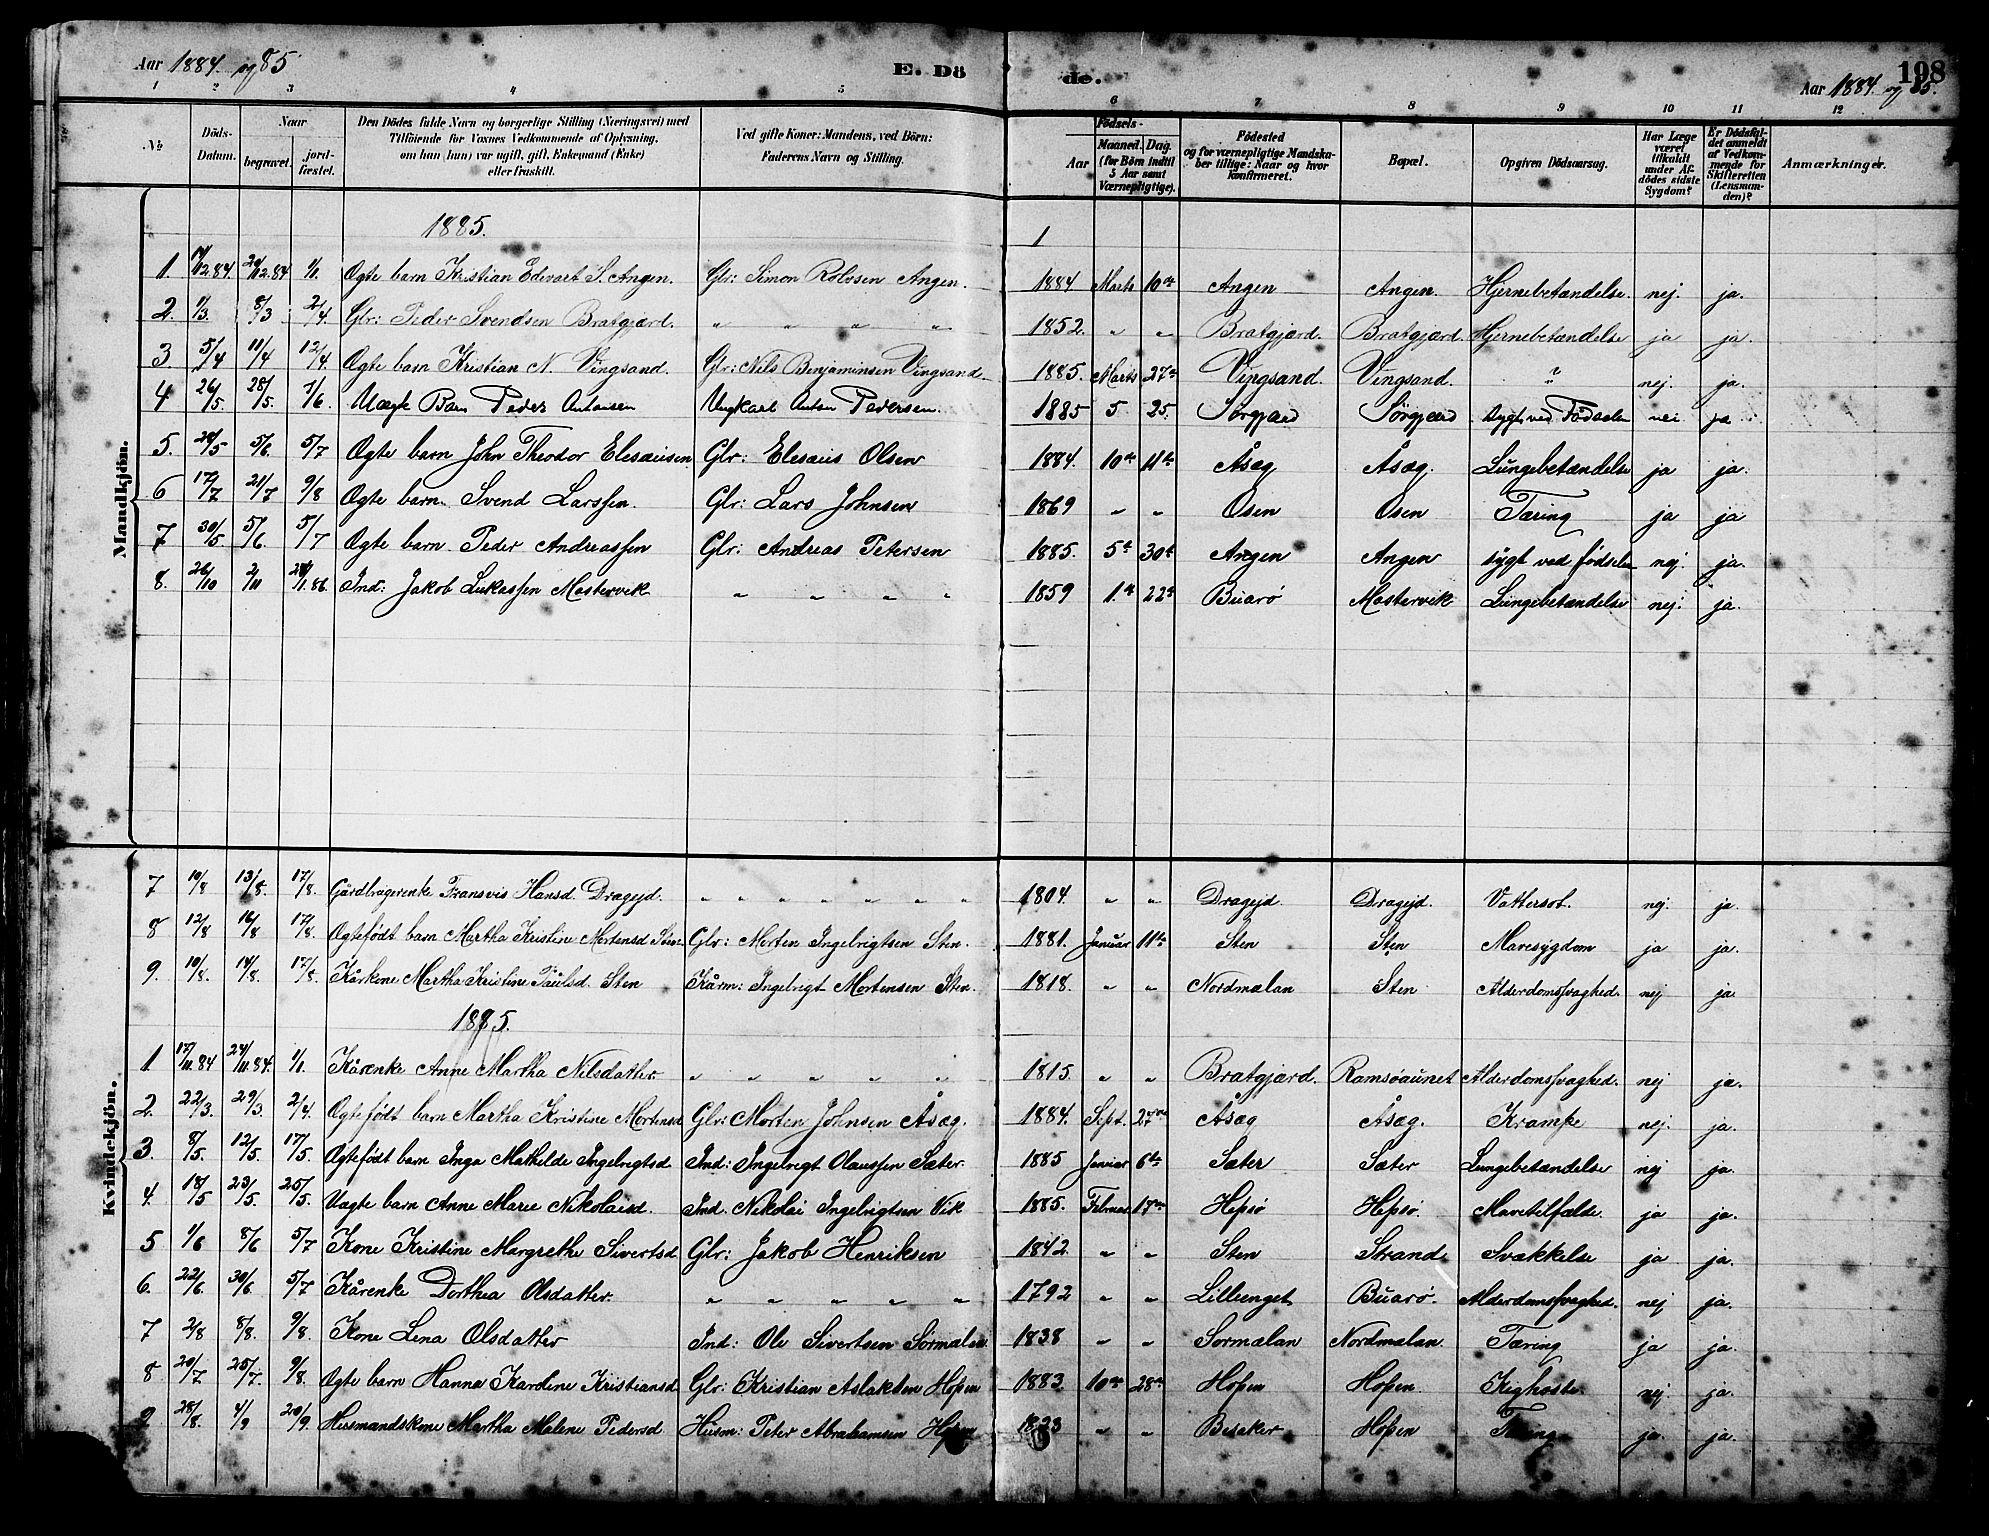 SAT, Ministerialprotokoller, klokkerbøker og fødselsregistre - Sør-Trøndelag, 658/L0726: Klokkerbok nr. 658C02, 1883-1908, s. 198